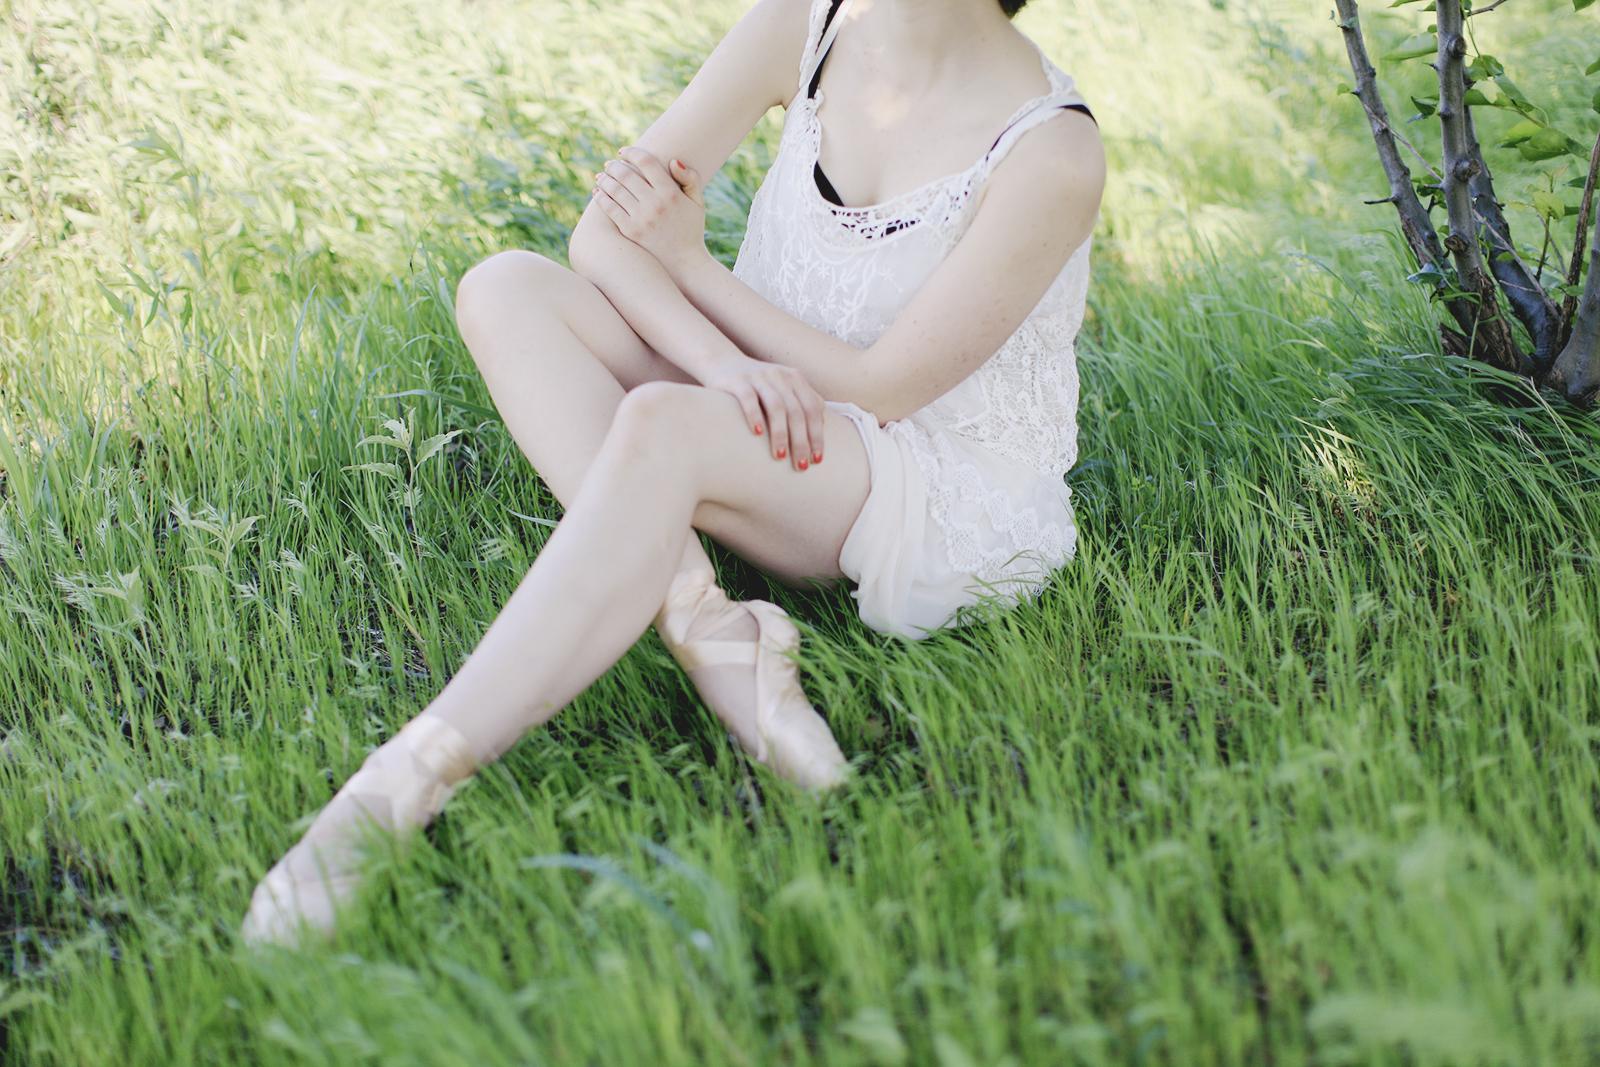 _MG_9014.jpg